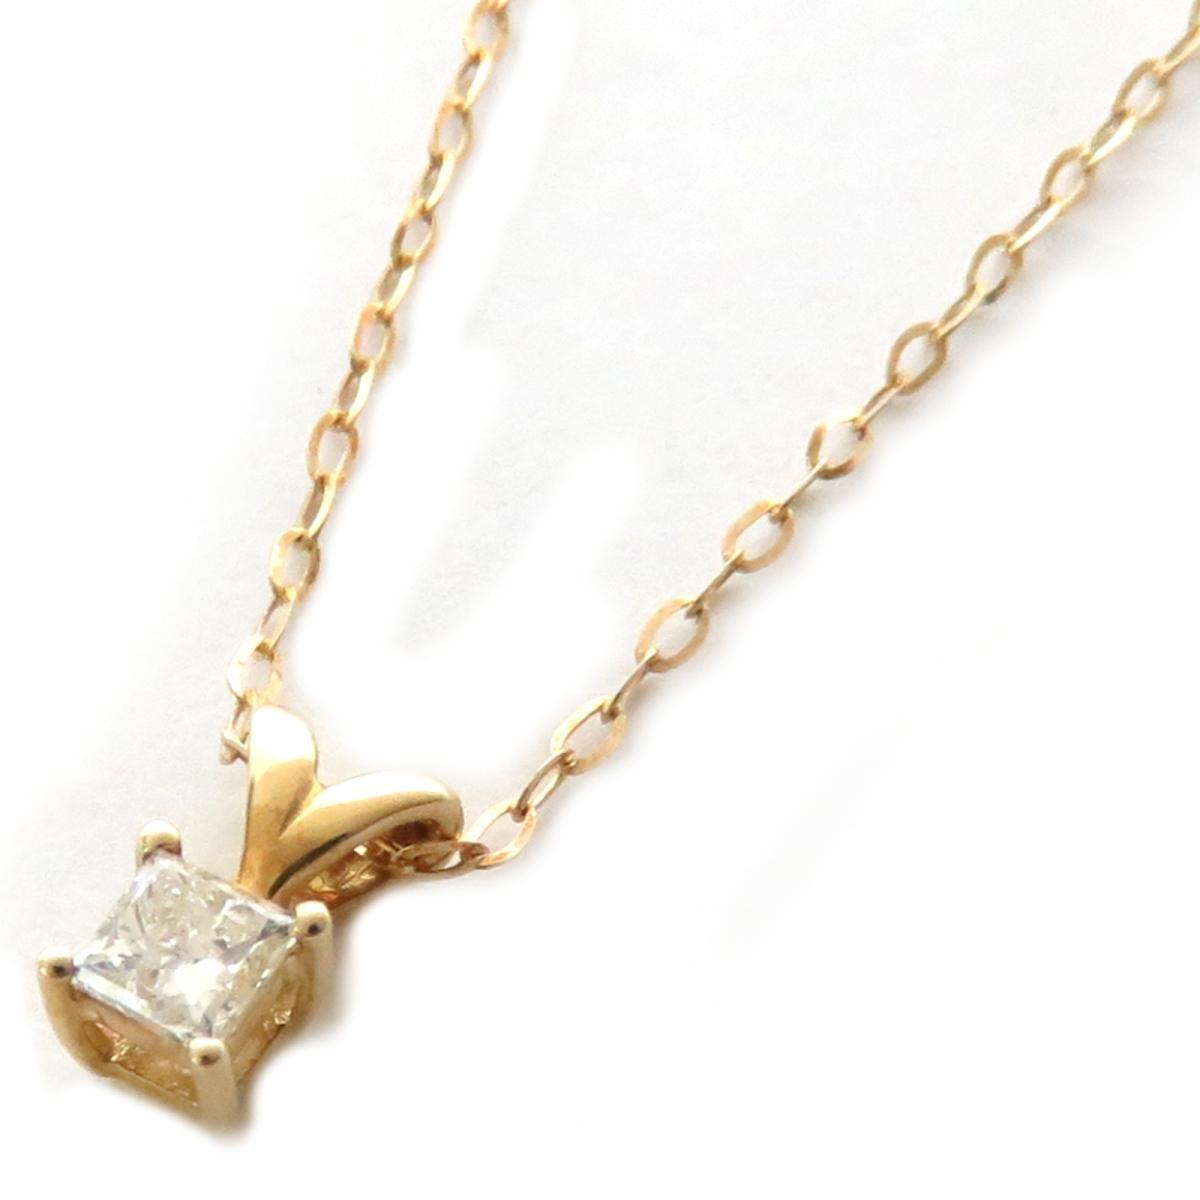 ジュエリー ダイヤモンド ネックレス ノーブランドジュエリー レディース K18YG (750) イエローゴールド   JEWELRY BRANDOFF ブランドオフ アクセサリー ペンダント